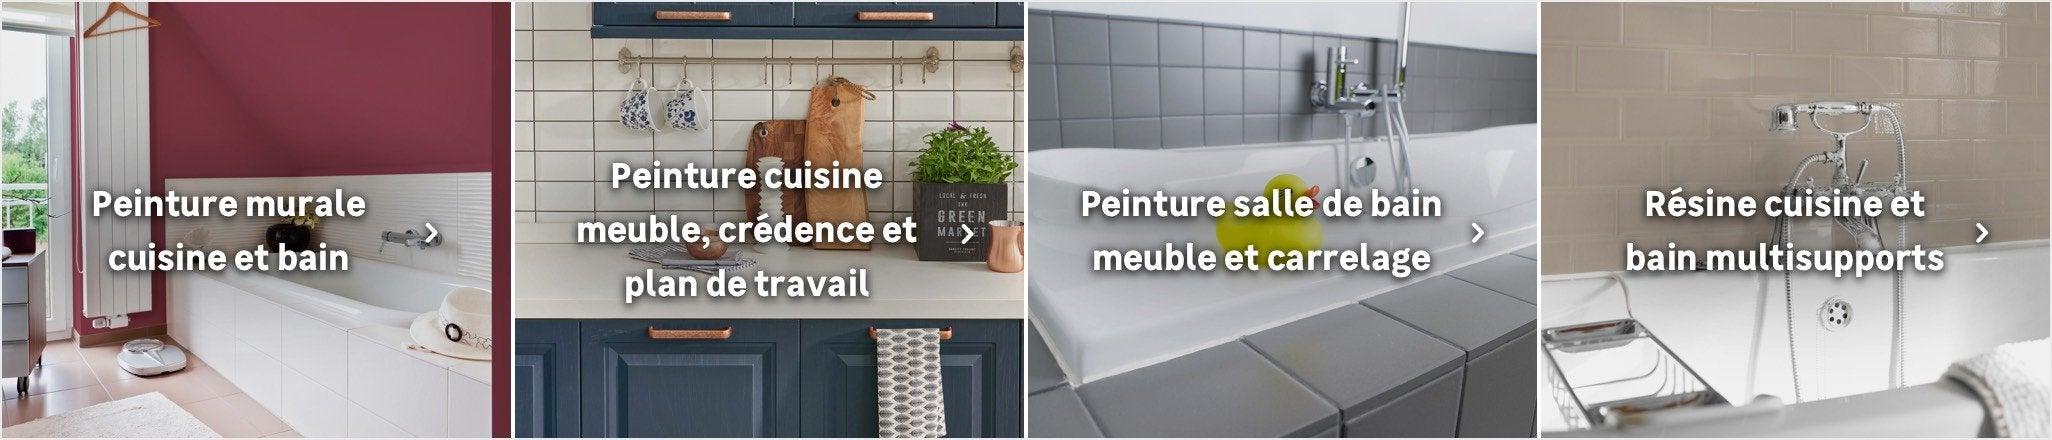 Peinture Cuisine Et Salle De Bain Au Meilleur Prix Leroy